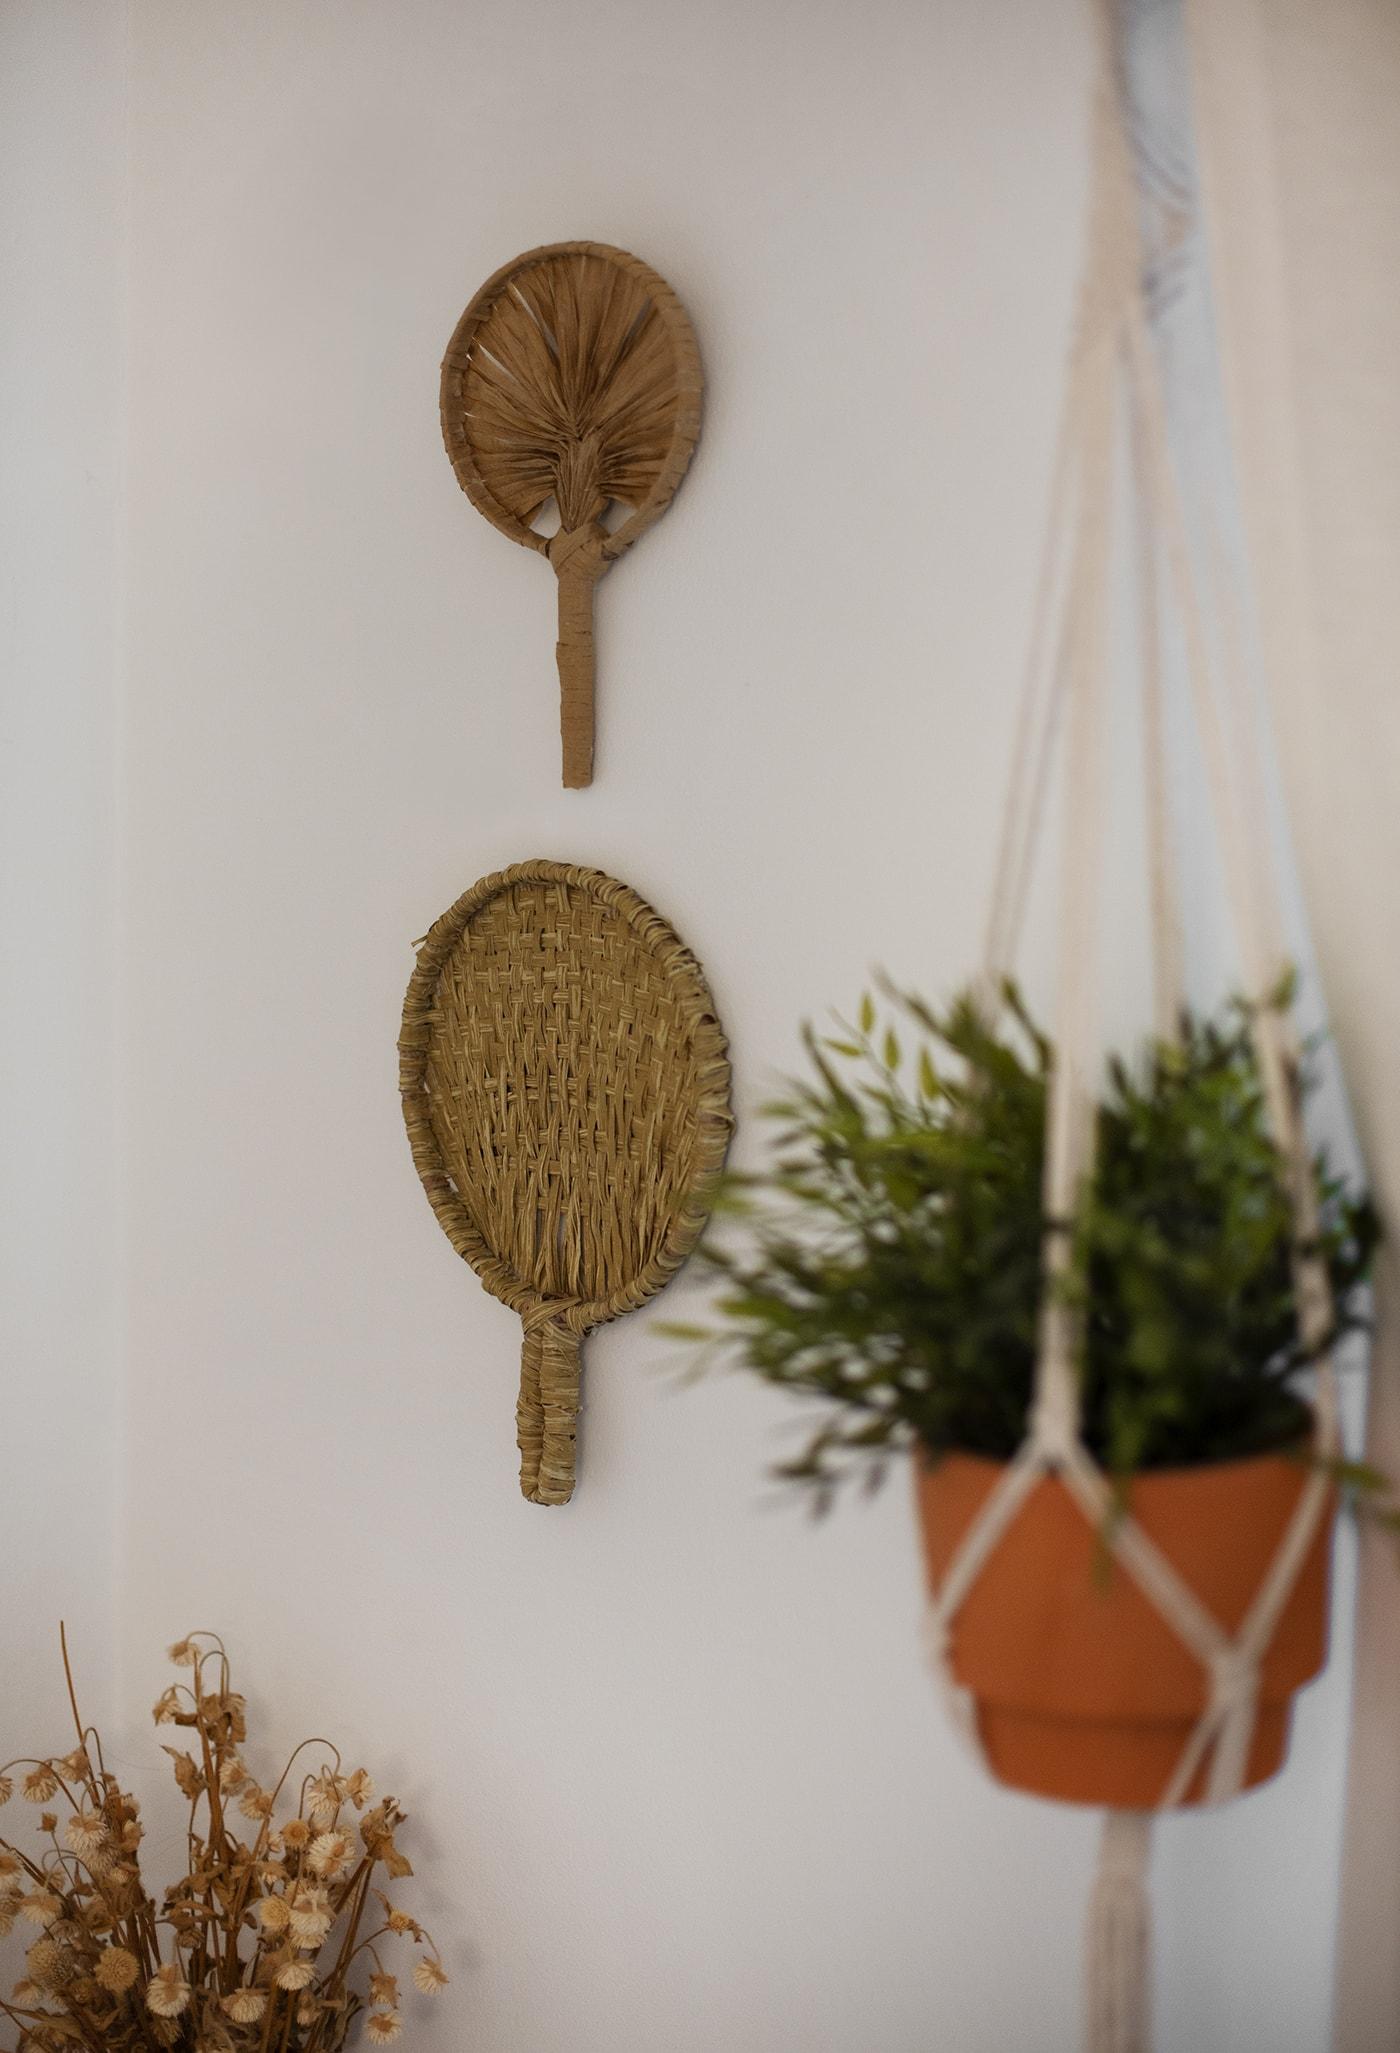 DIY Palm Fans